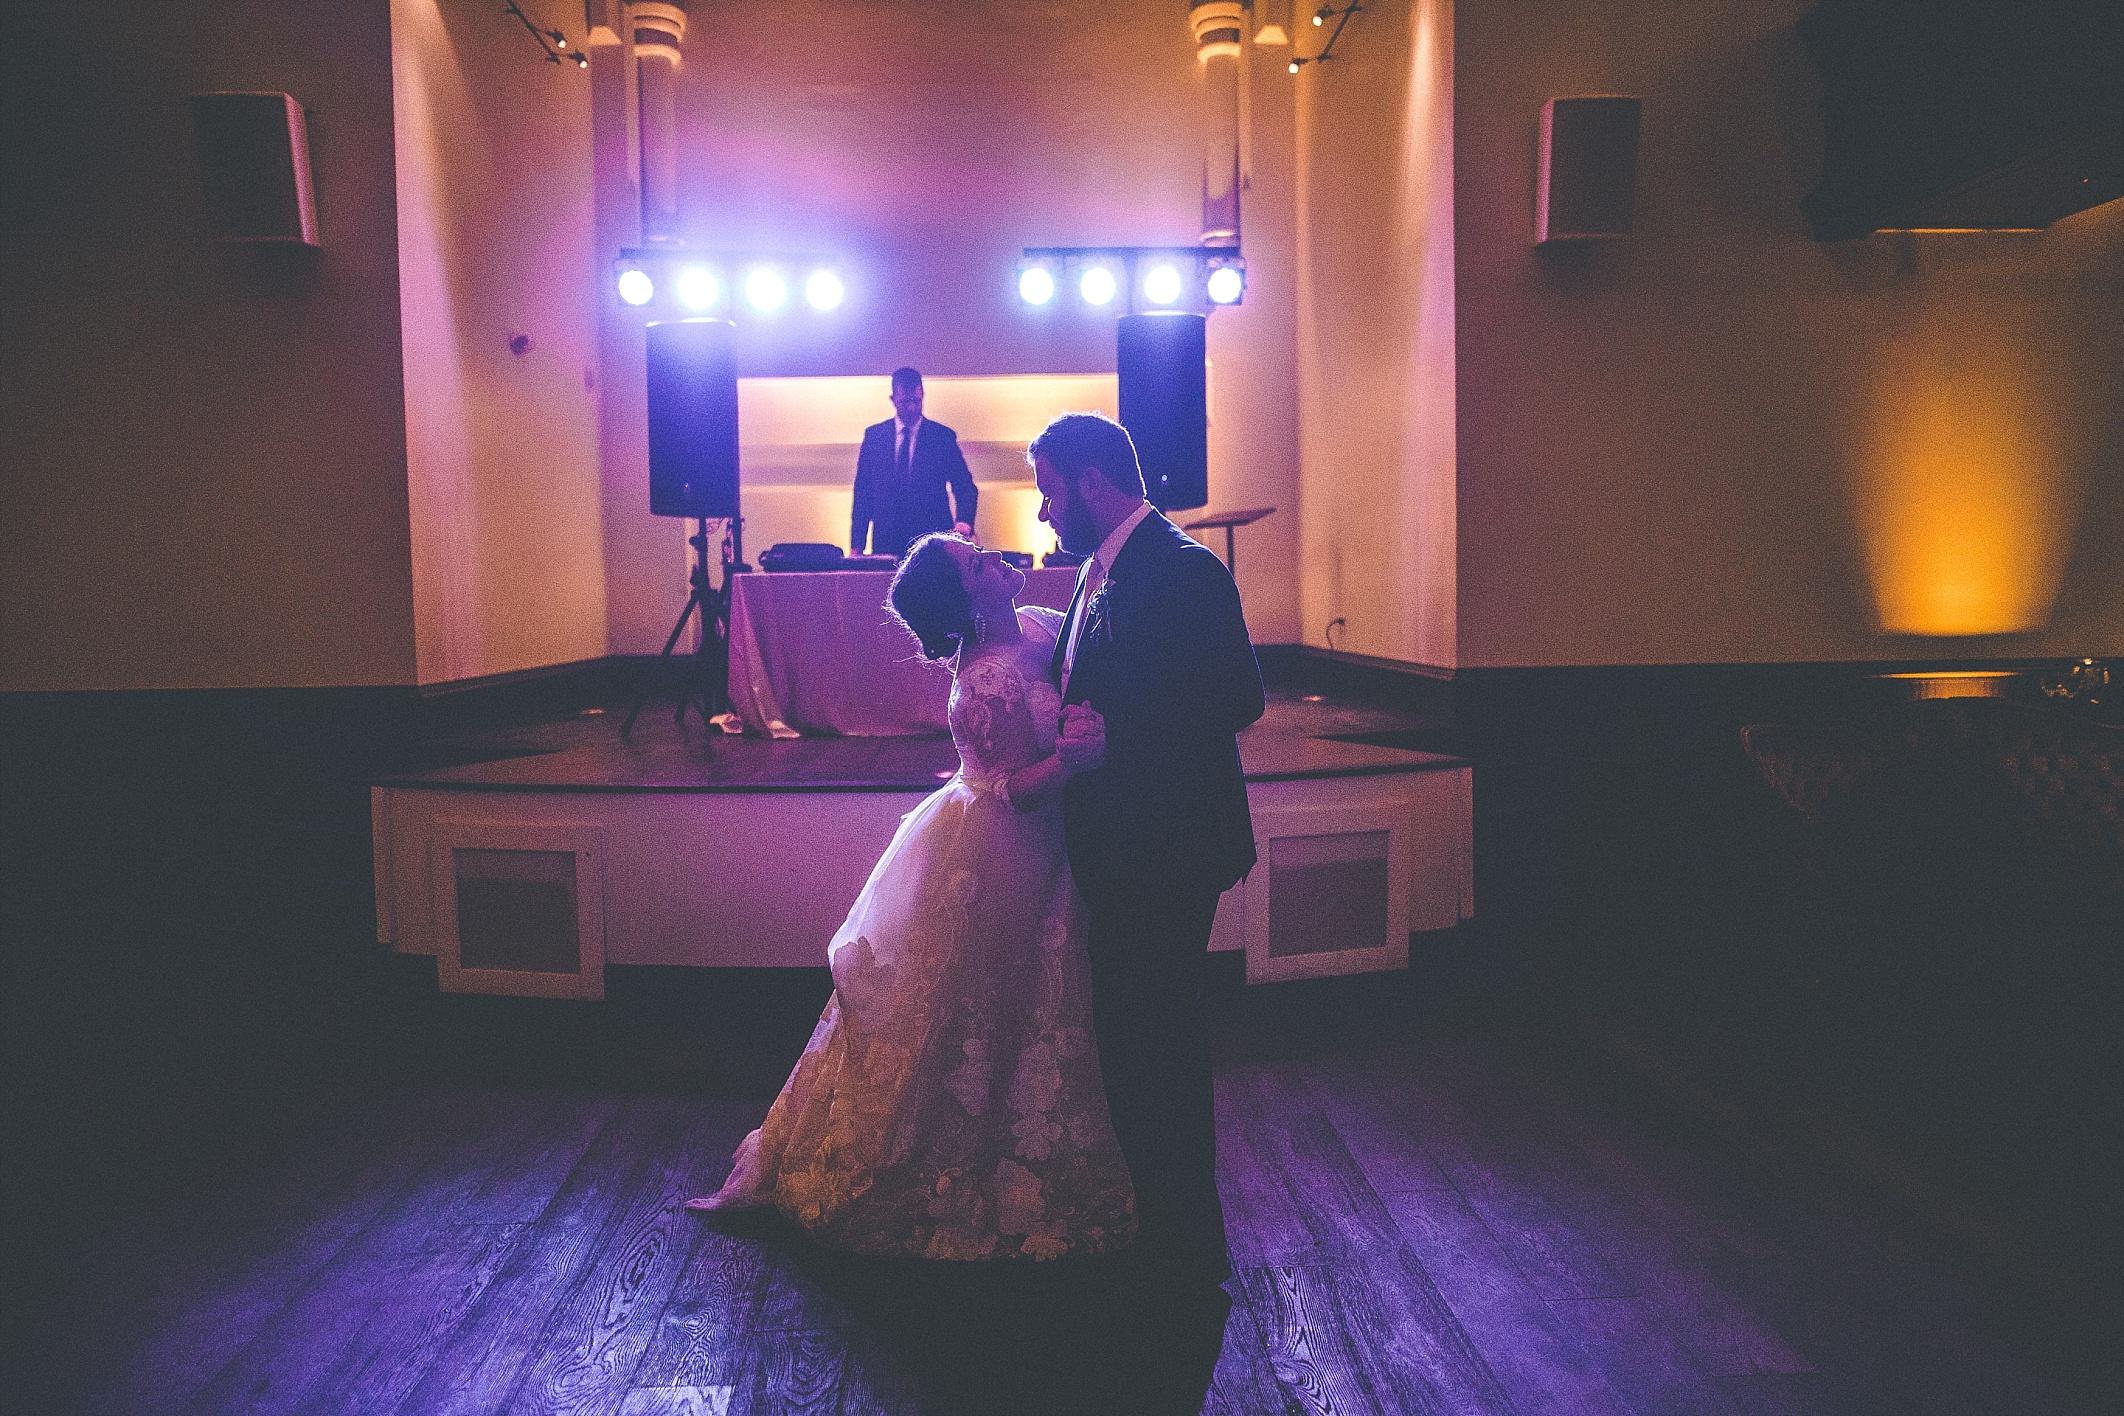 hilary-aaron-cincinnati-trancept-wedding-photographer-dayton-ohio_0052.jpg